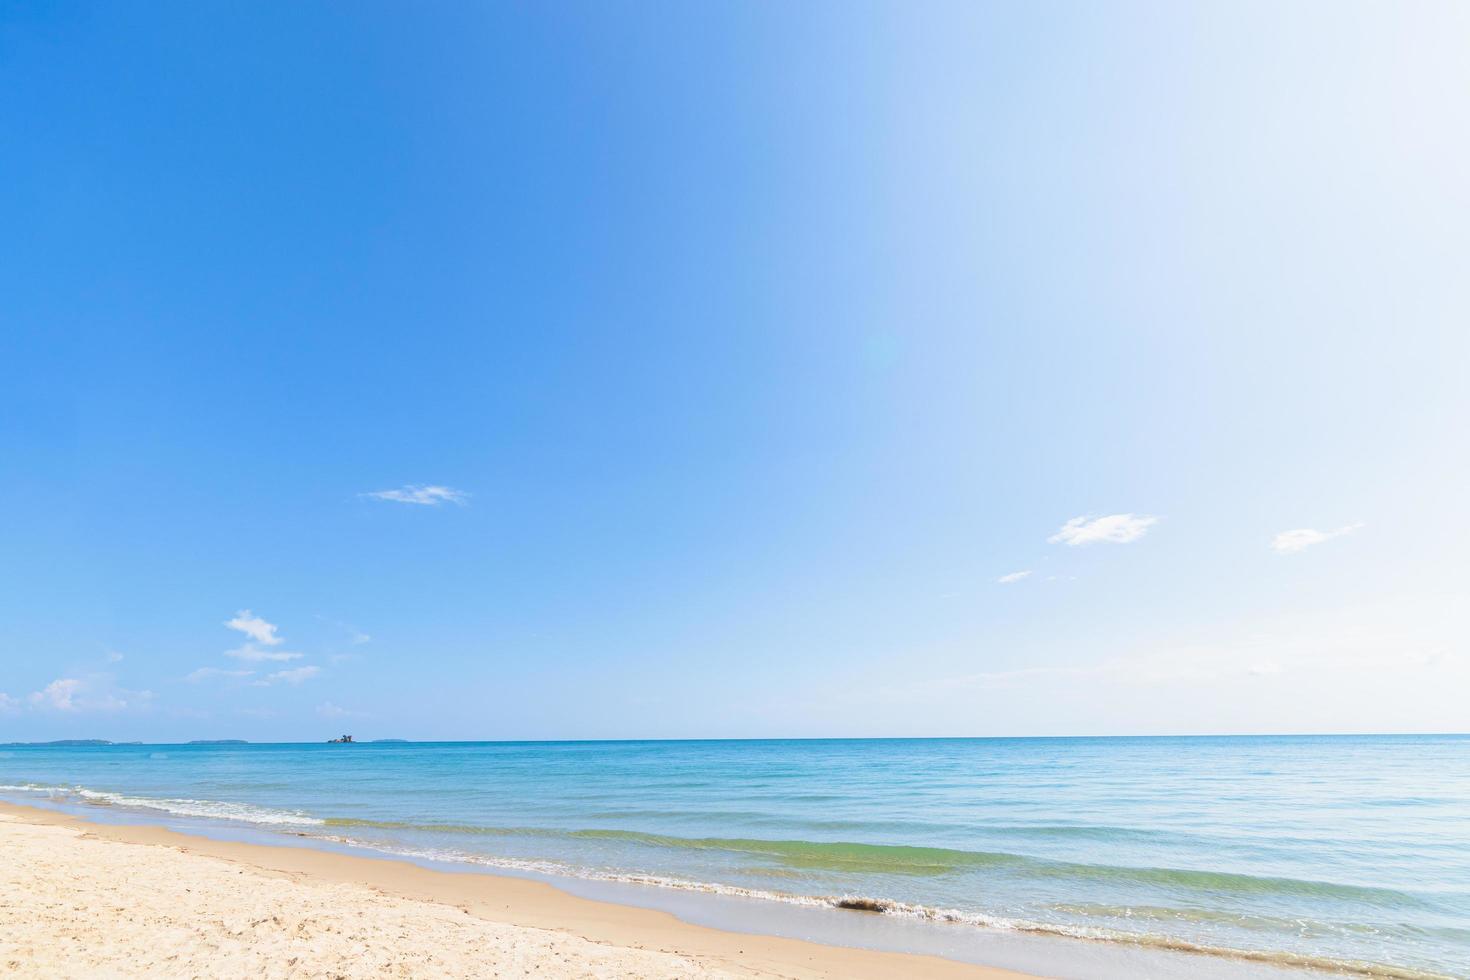 vue sur la plage et le ciel clair pendant la journée. photo